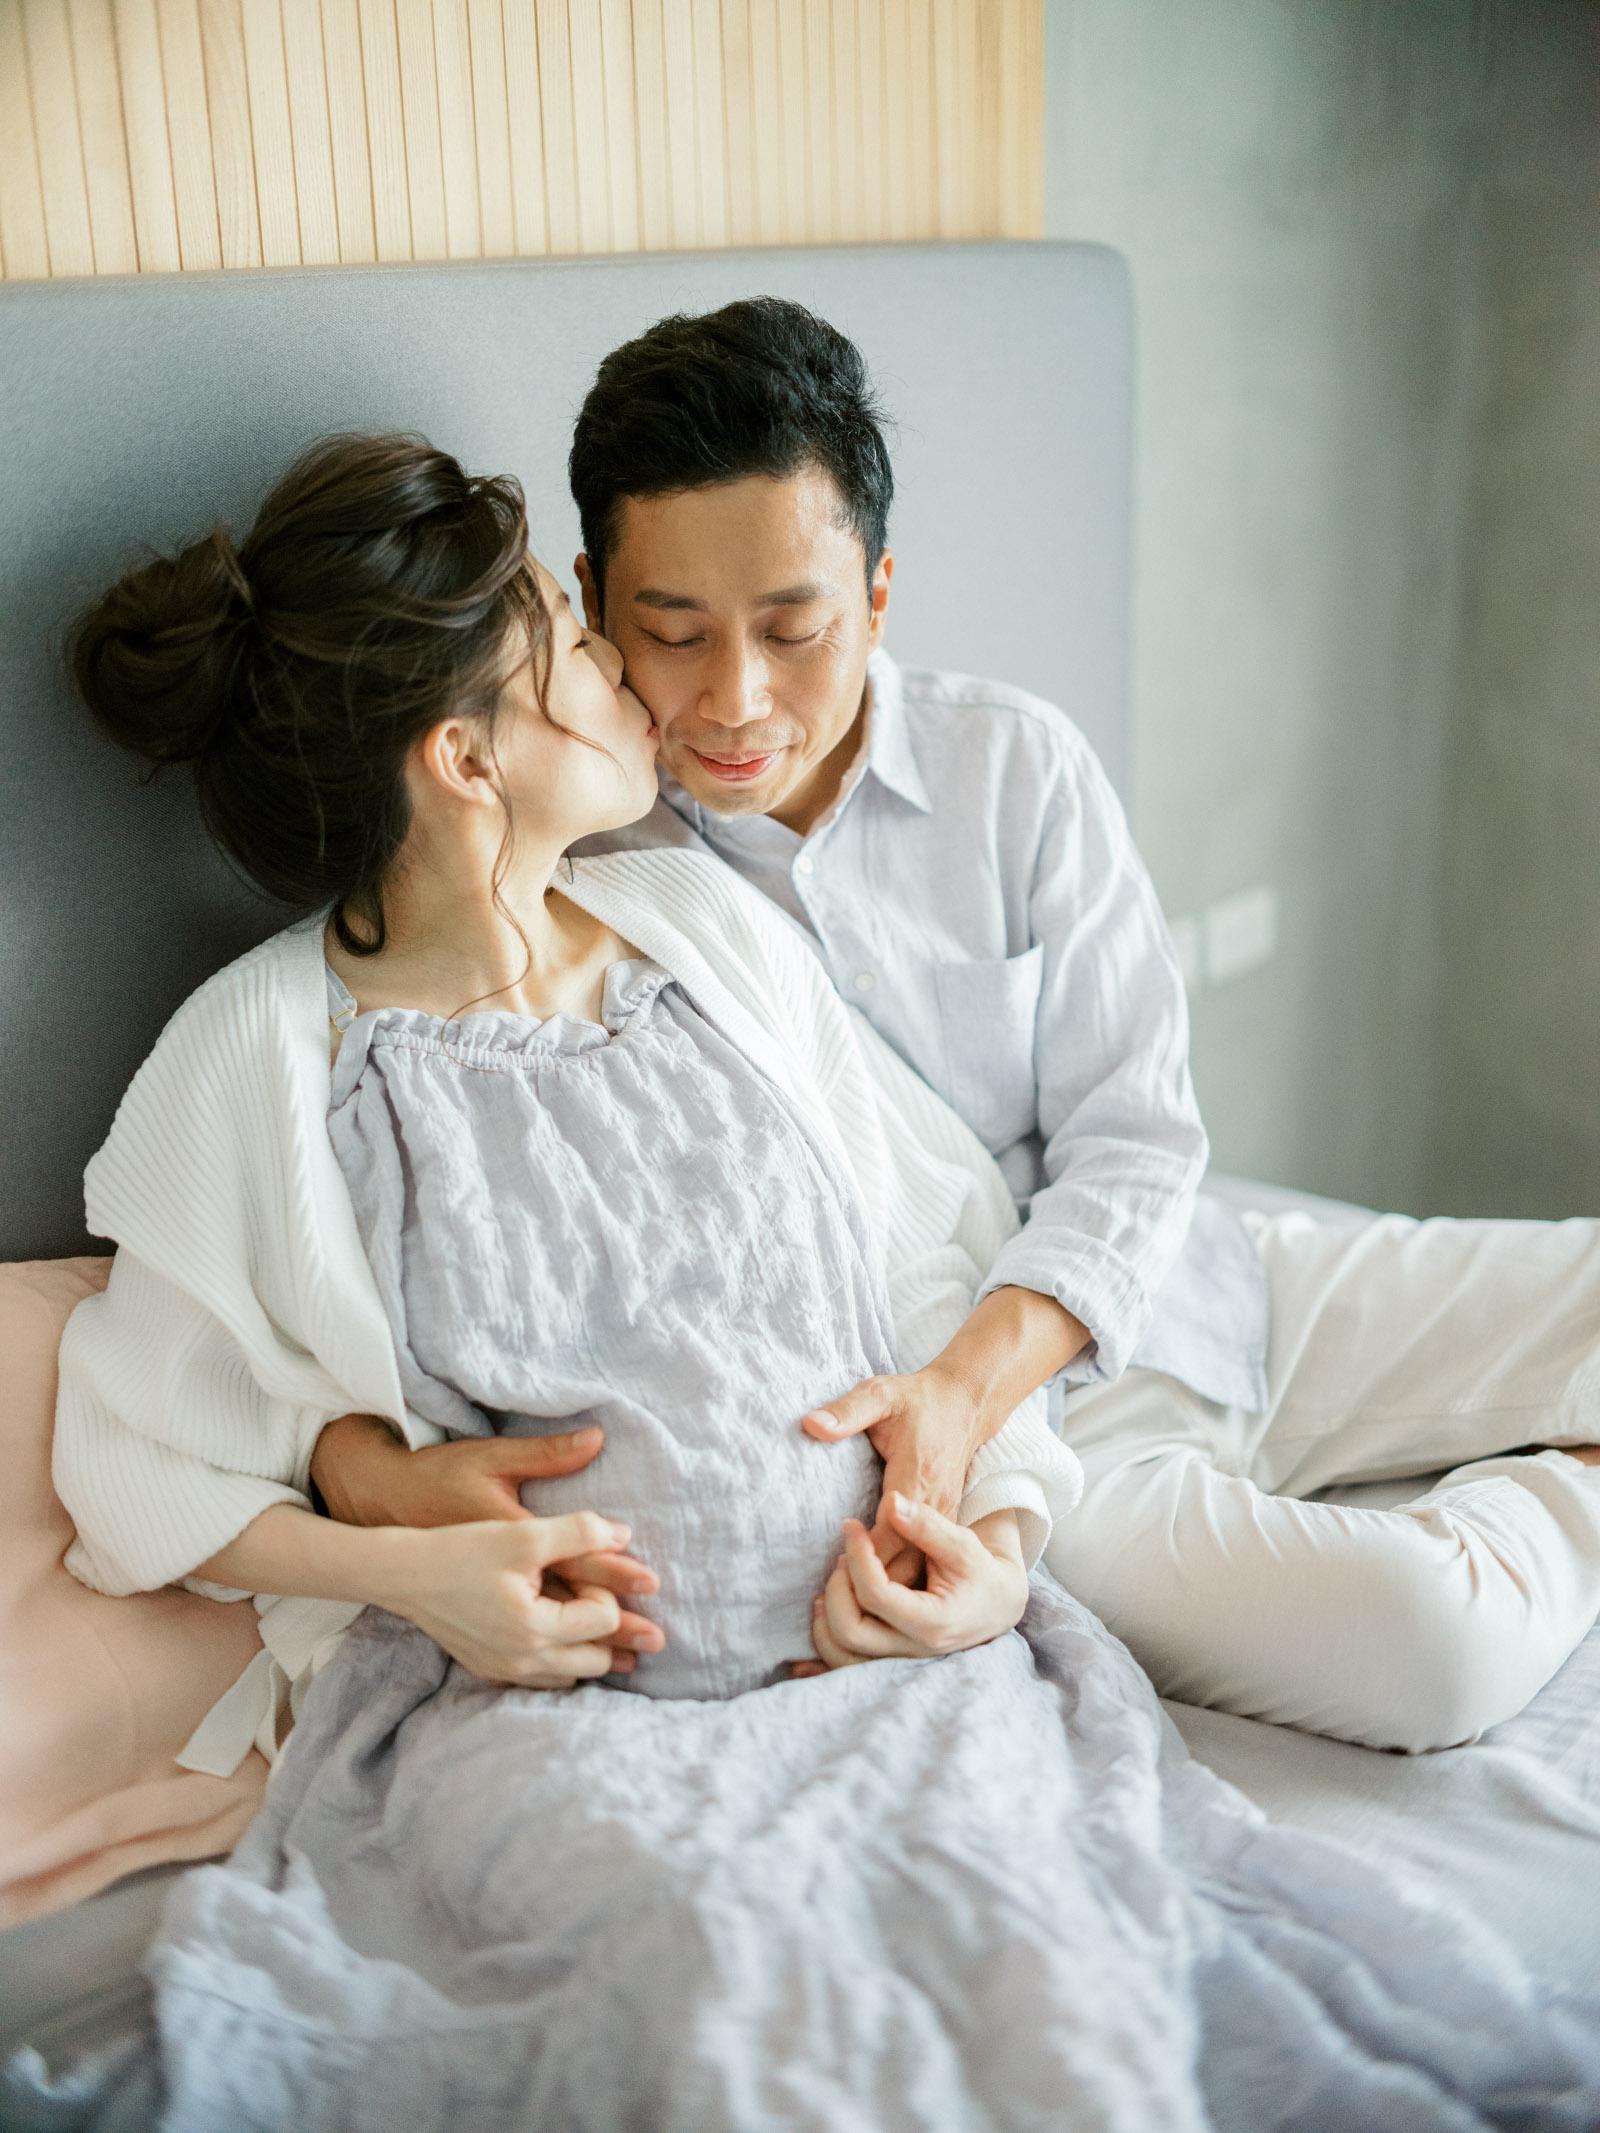 美式-孕期寫真-孕婦寫真-mark-hong-戶外-GFX-中片幅-Contax 645-底片-居家感